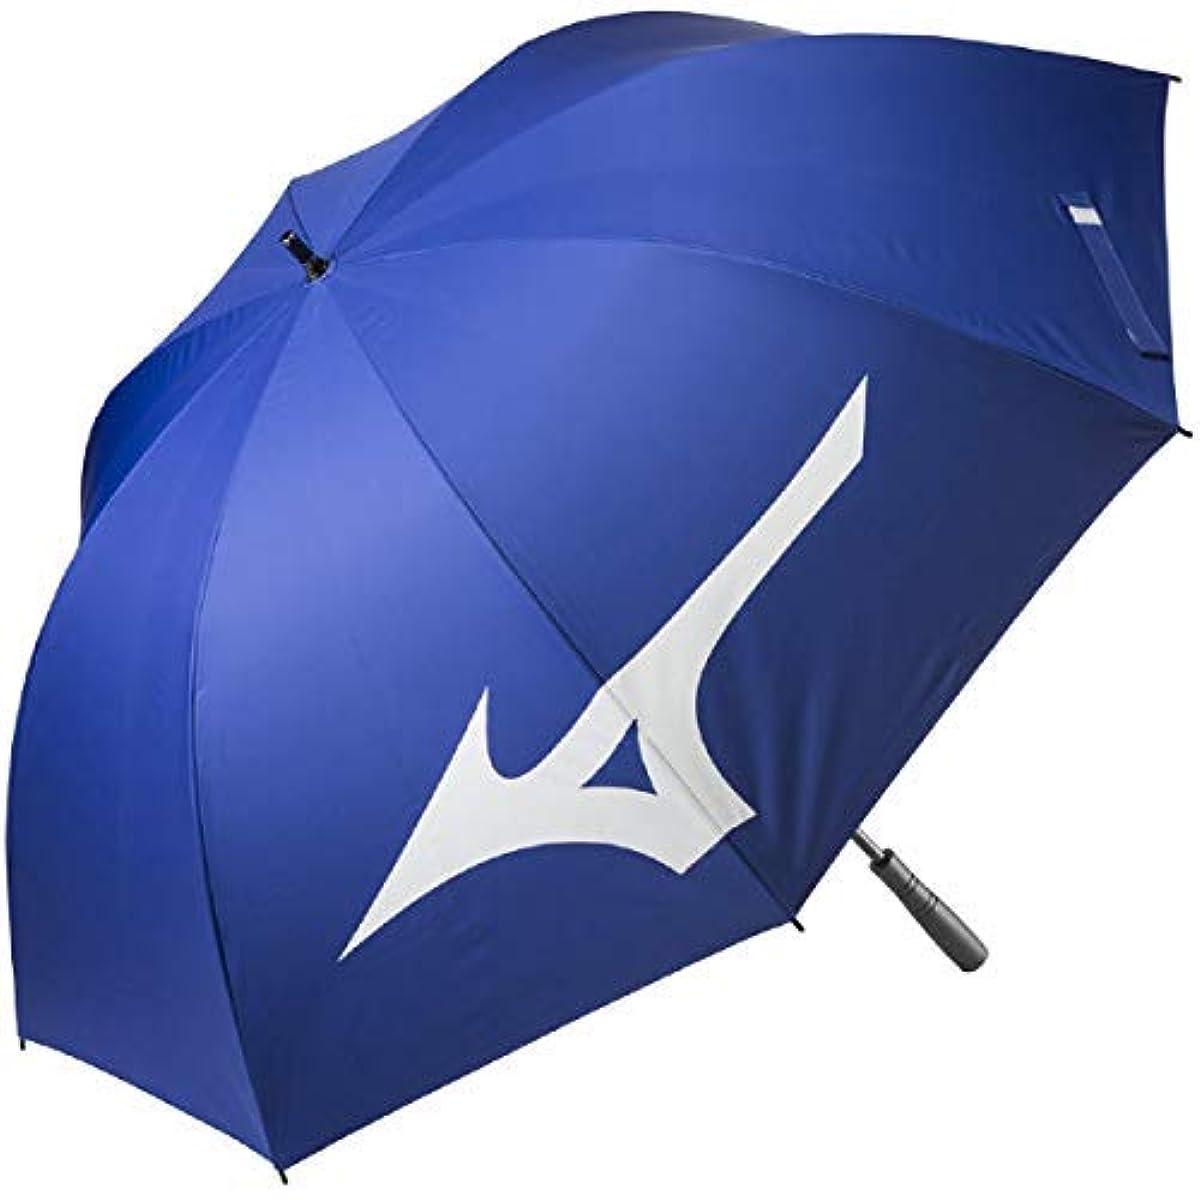 [해외] MIZUNO GOLF (미즈노 골프) 골프우산 레플리카모델 유니 5LJY192100 블루